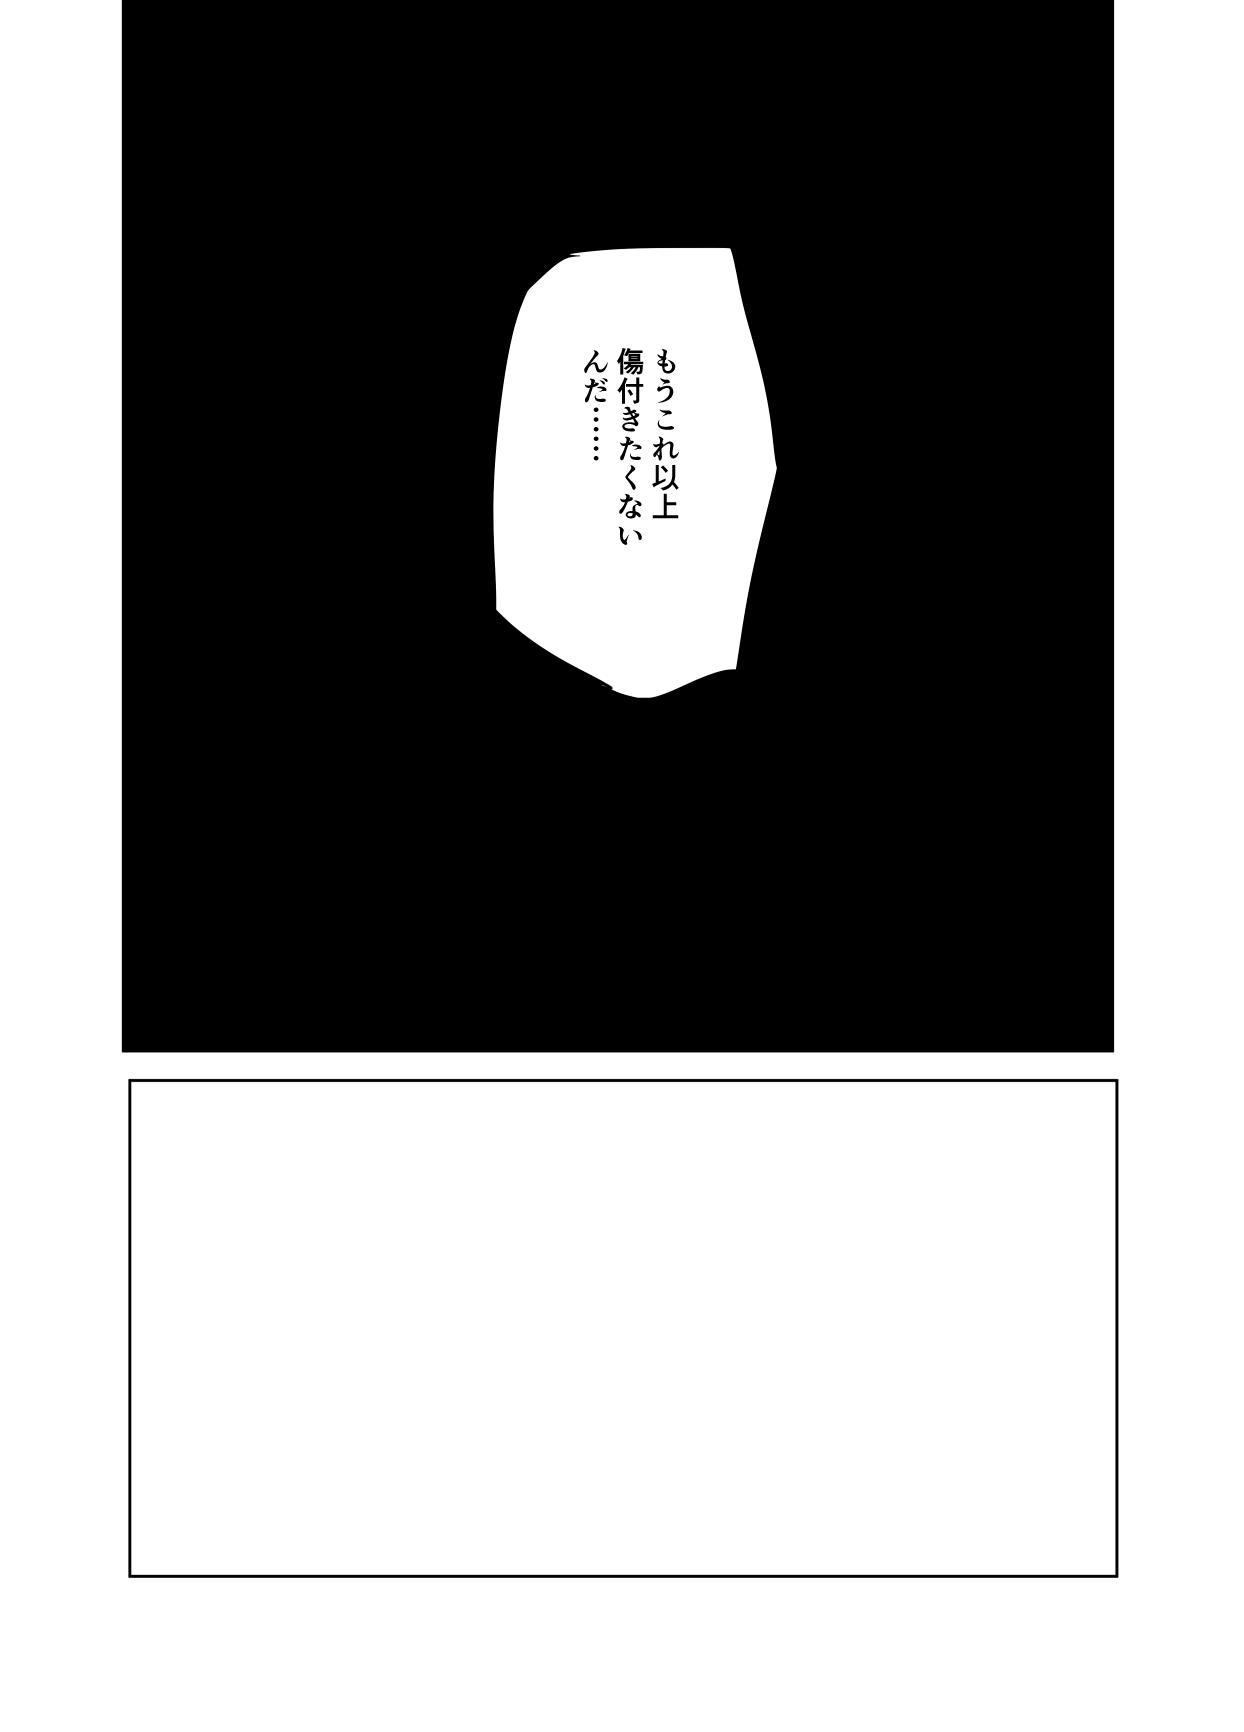 嘘告白漫画 73